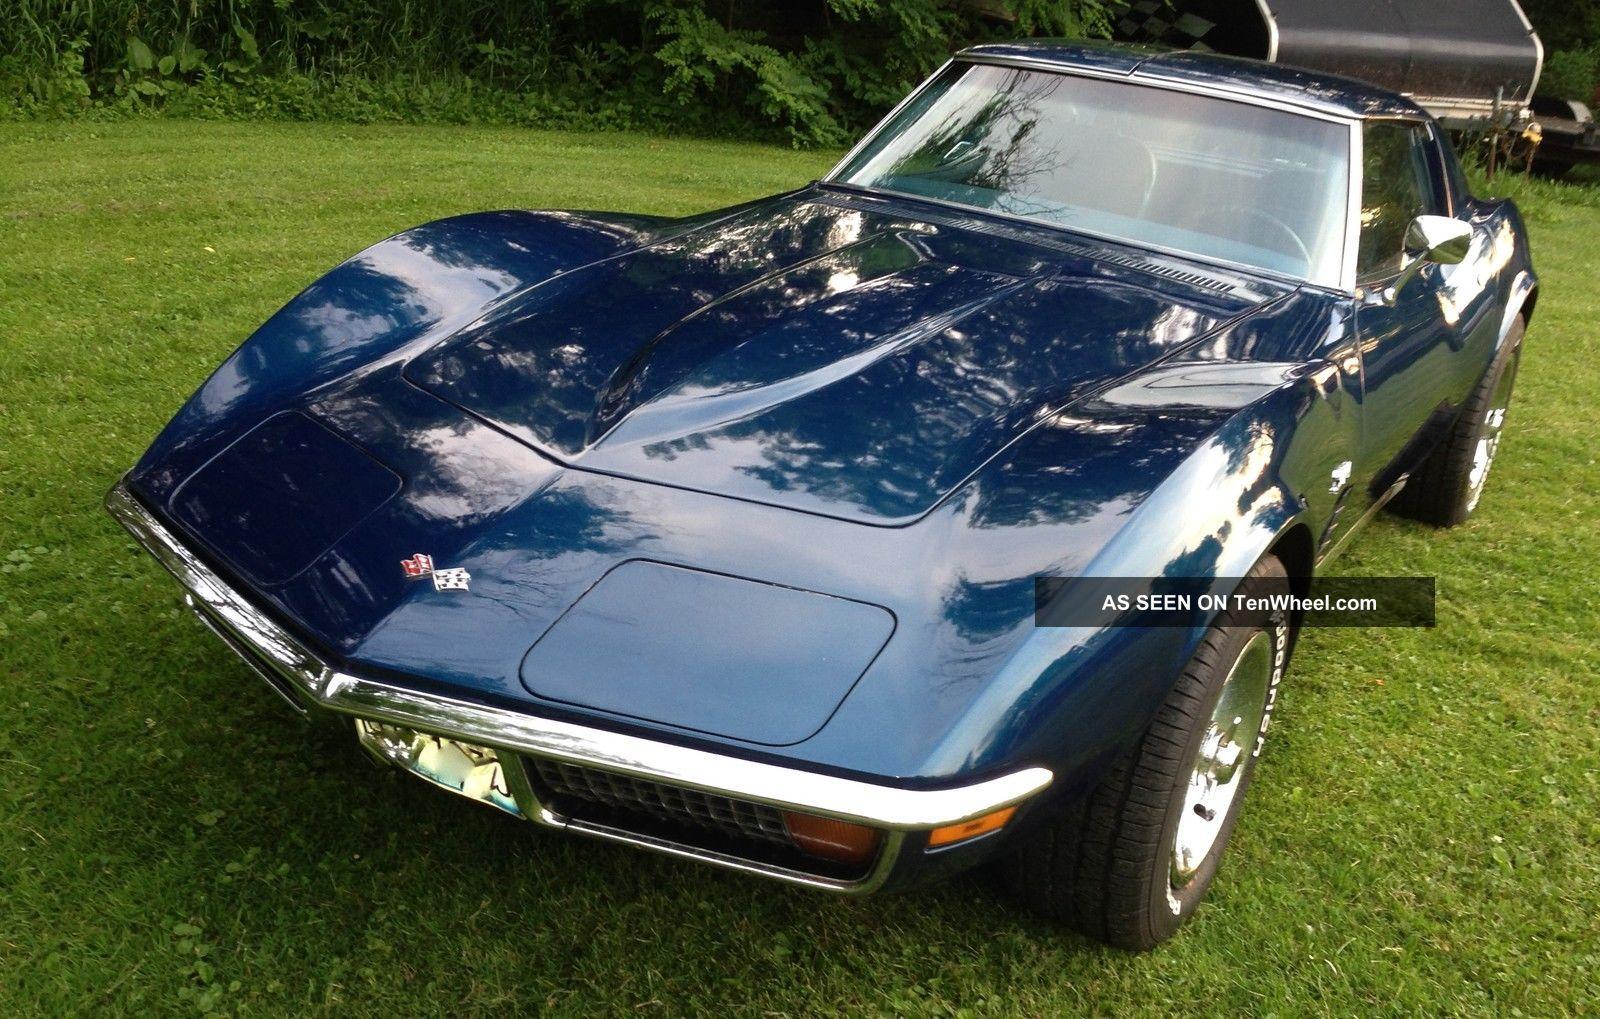 Corvette 1972 4 Sp Coupe 350 Matching Orig Car & Paint Corvette photo